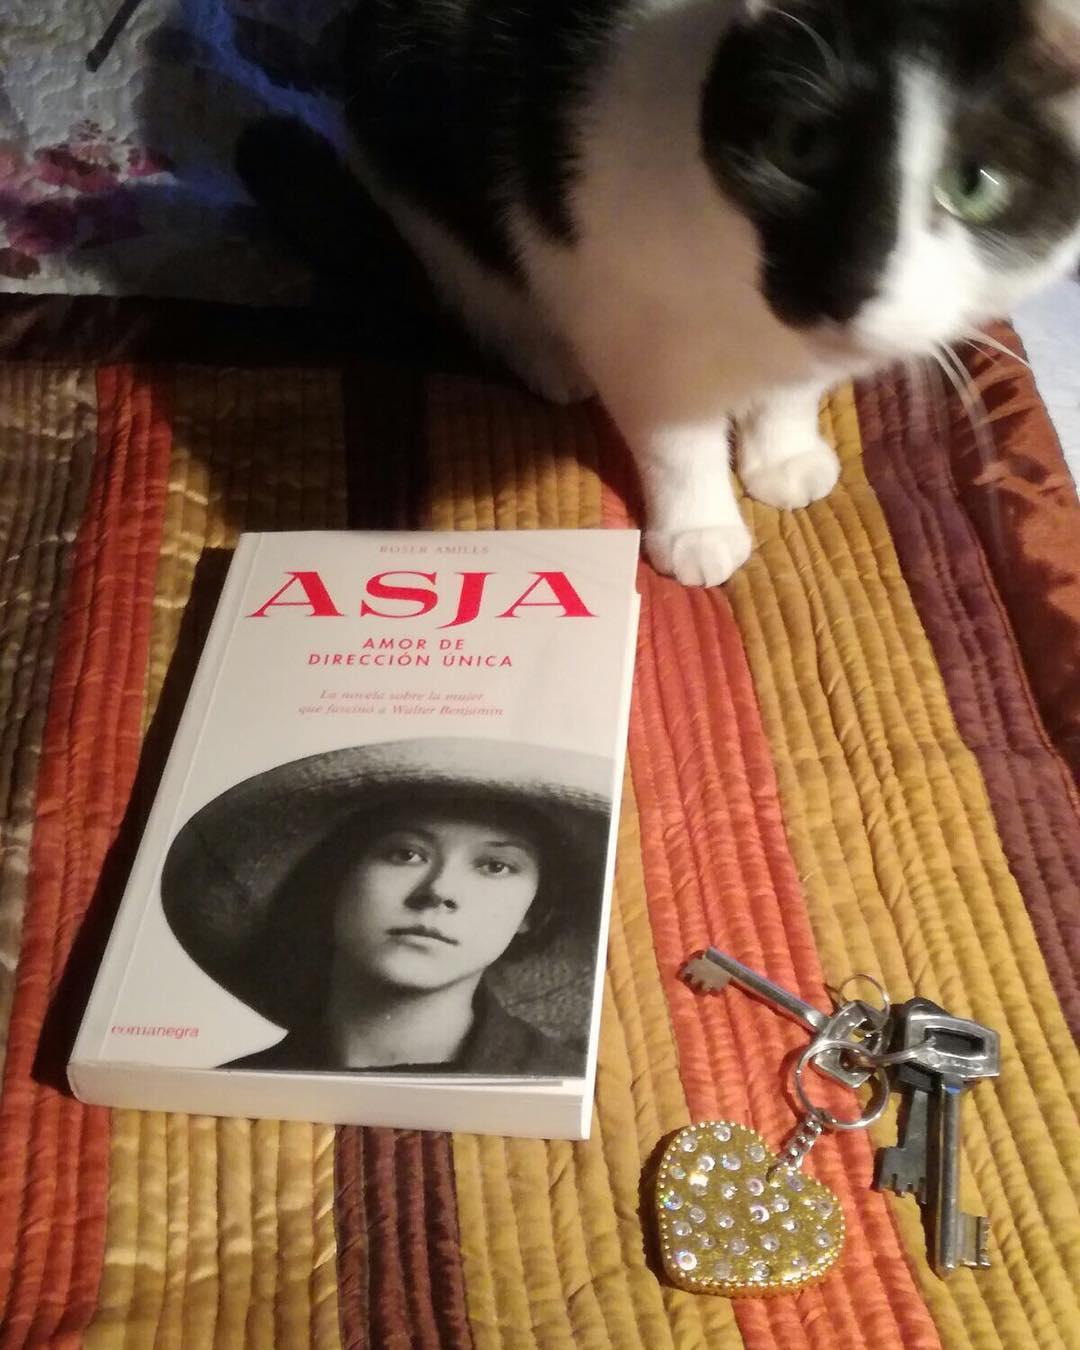 Es una alegría inmensa que Nuara López también lea mi nueva novela de #asjalacis & #walterbenjamin 💕